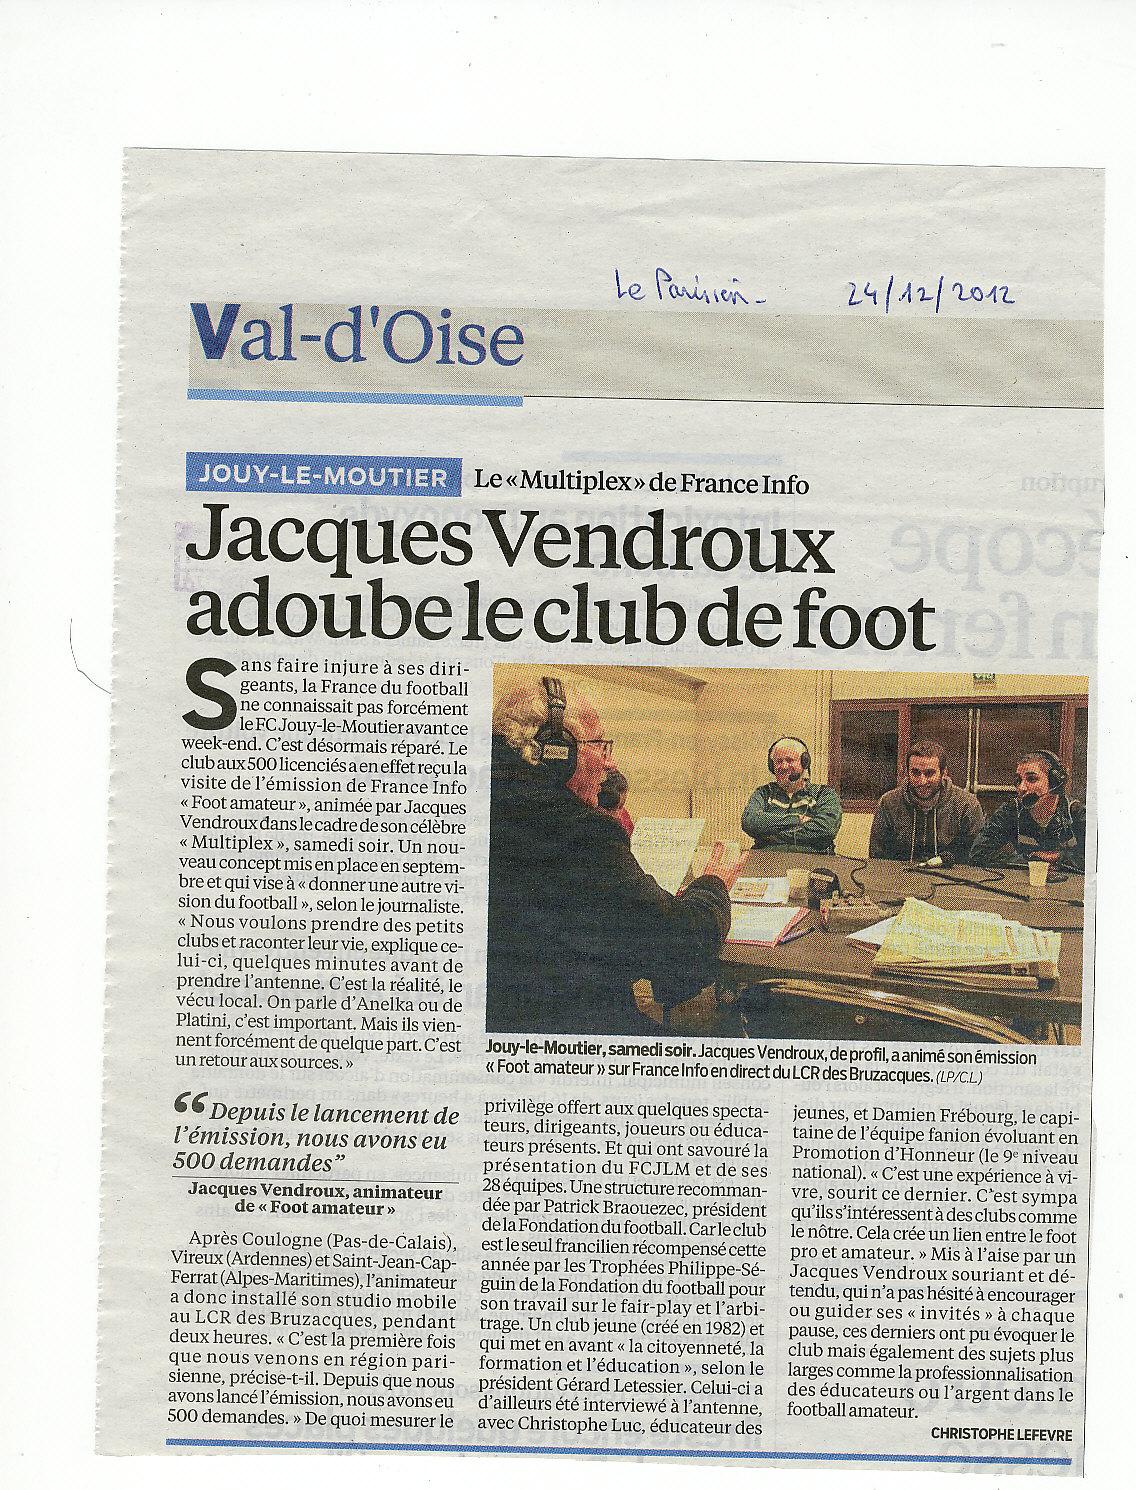 Article du Parisien du 24/12/2012